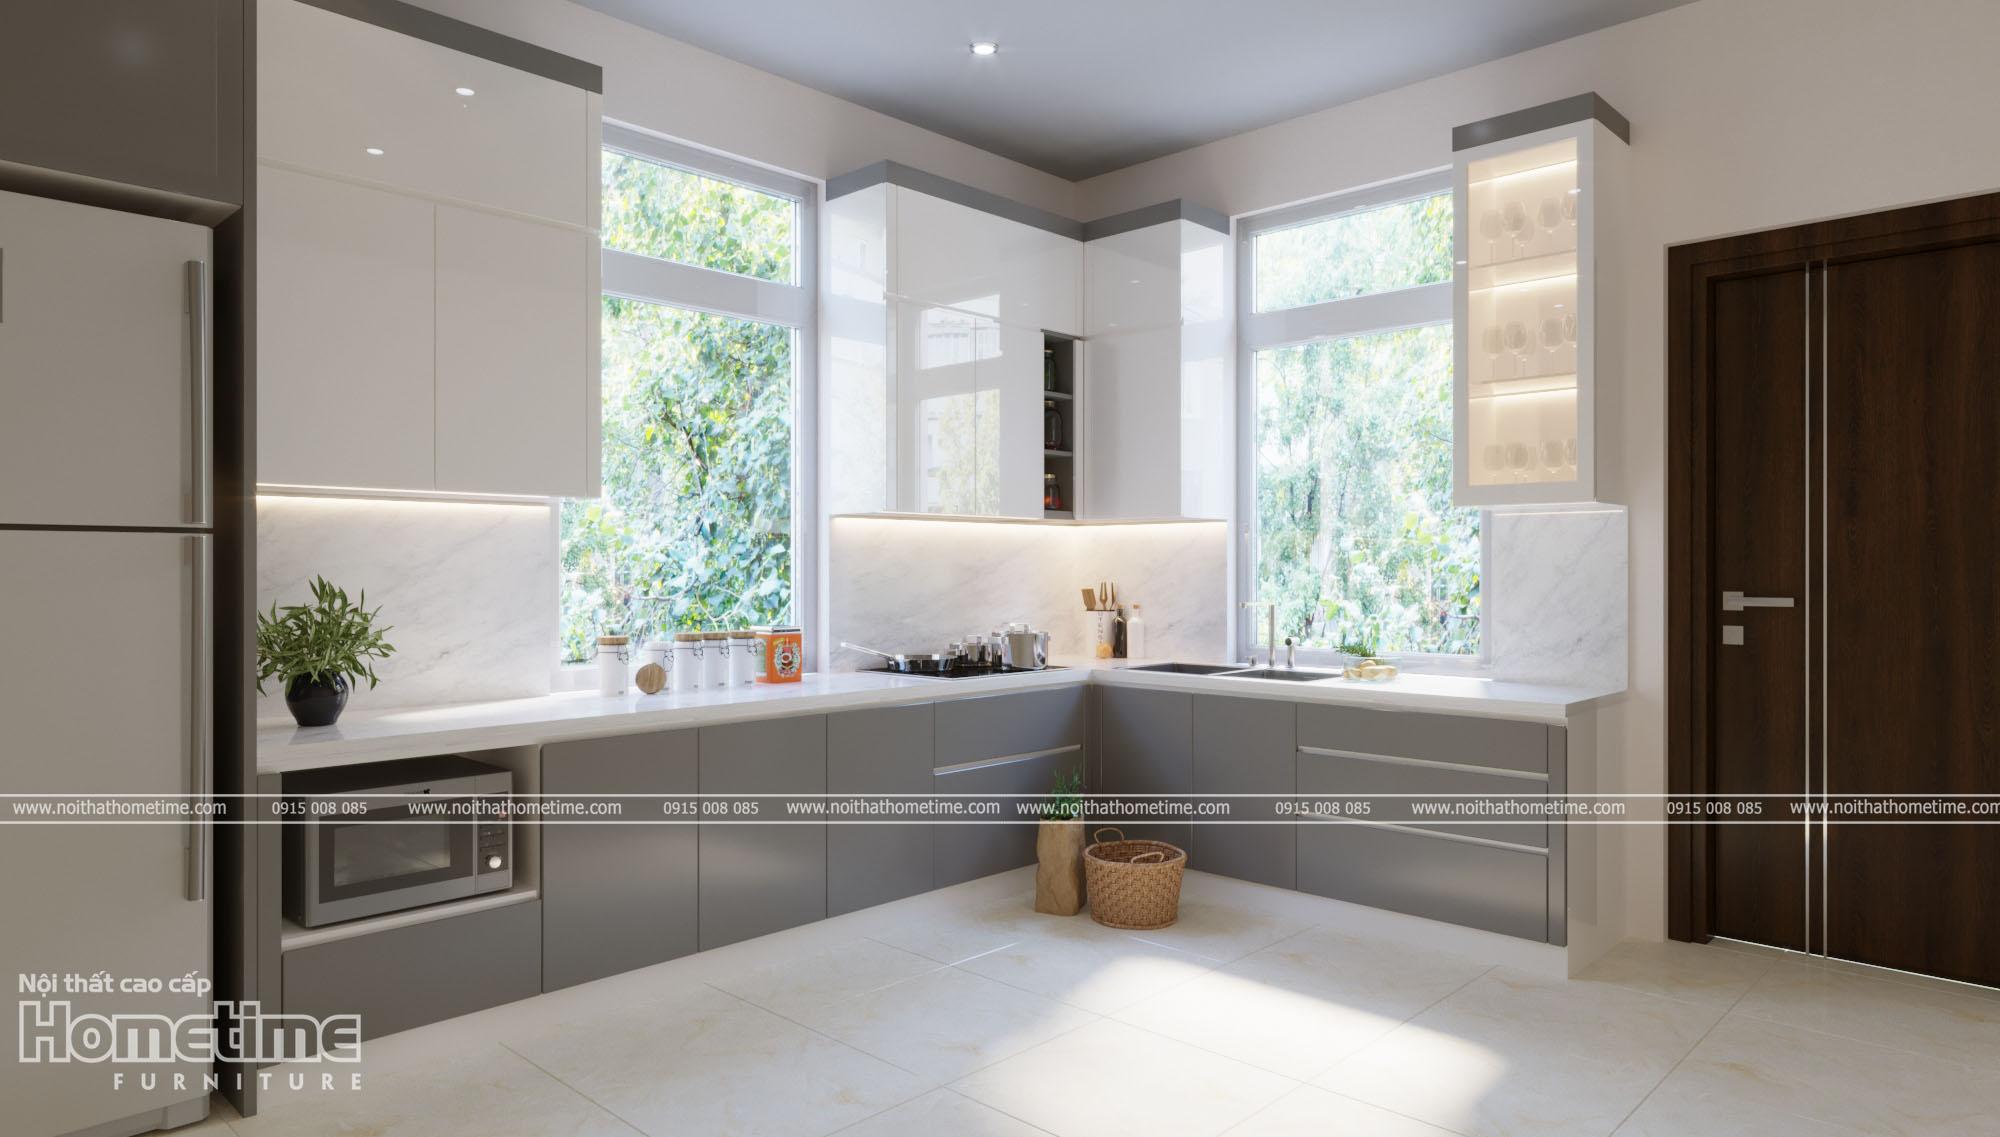 Tủ bếp được thiết kế kiểu dáng chữ L hiện đại